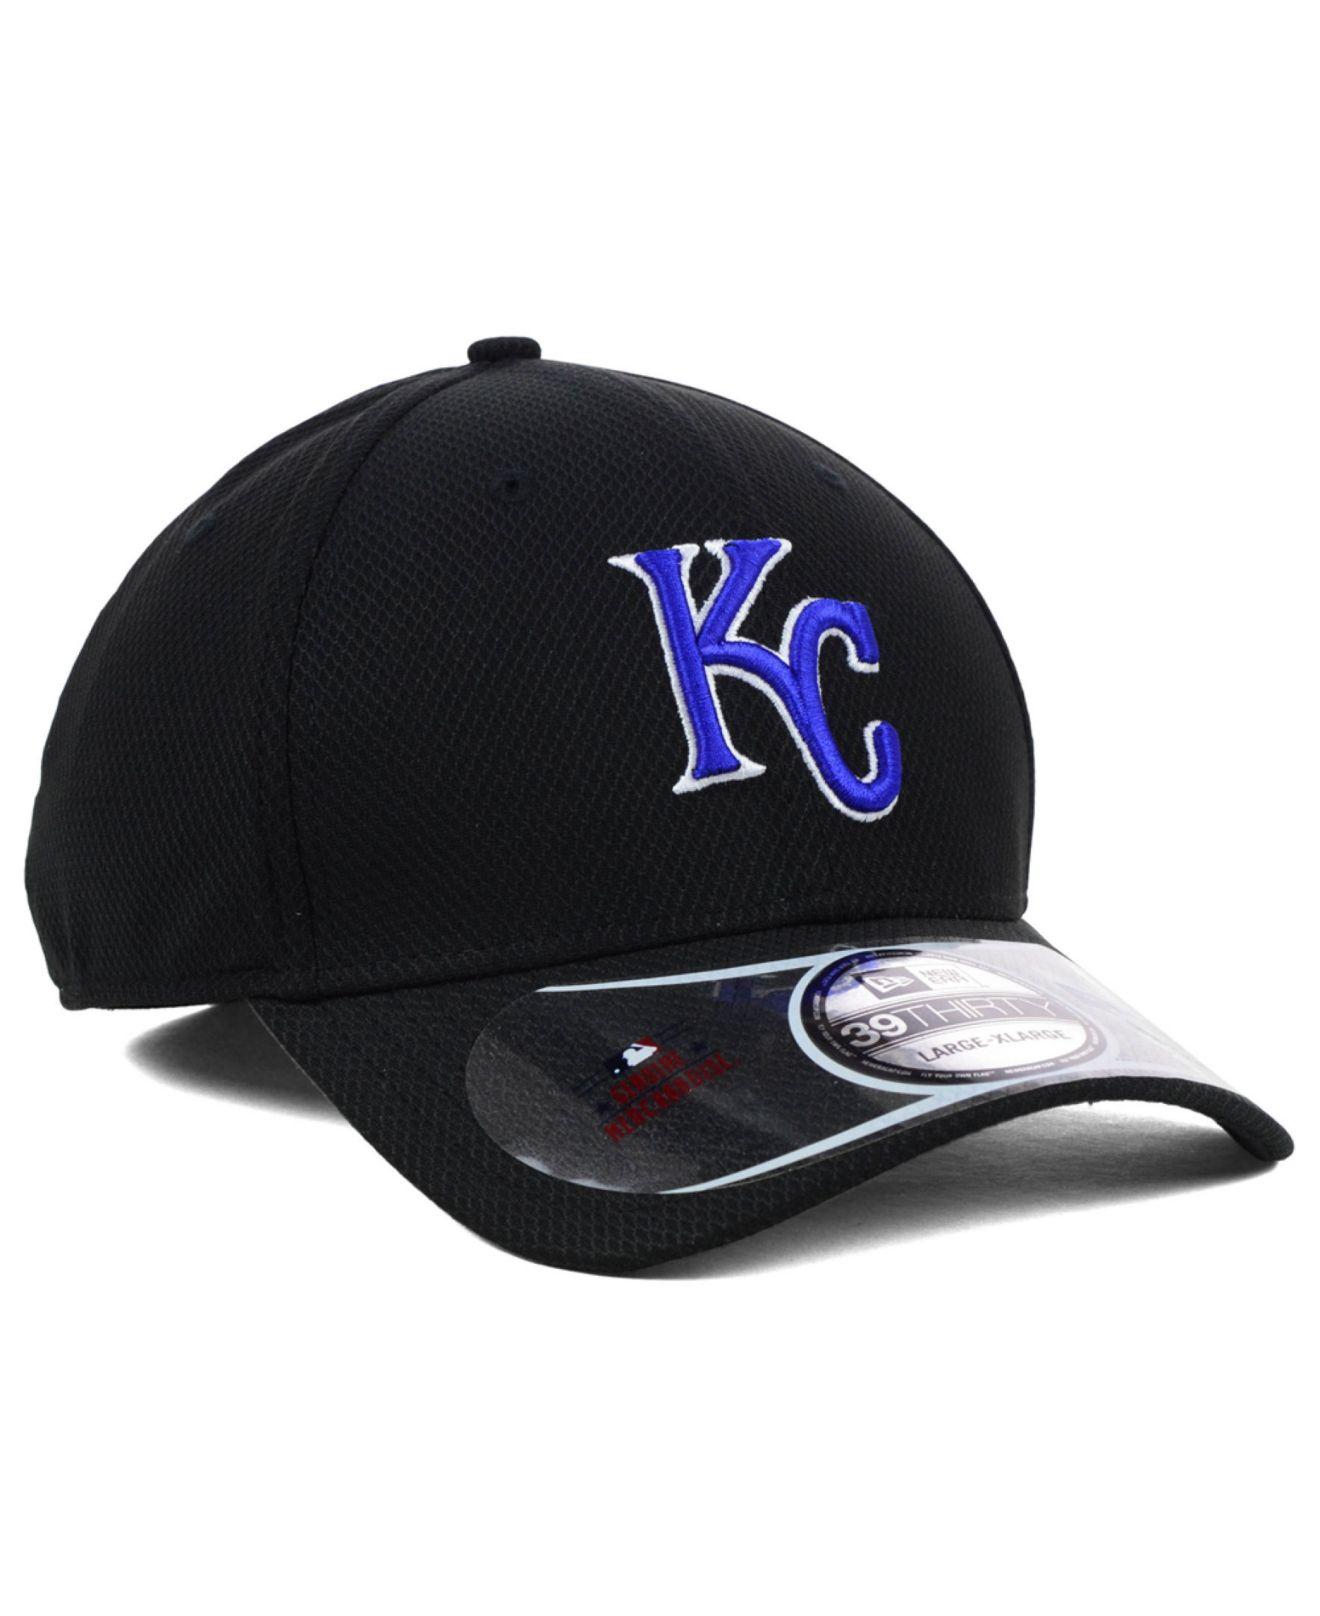 2abf0cc2 Lyst - KTZ Kansas City Royals Diamond Era Black 39Thirty Cap in ...